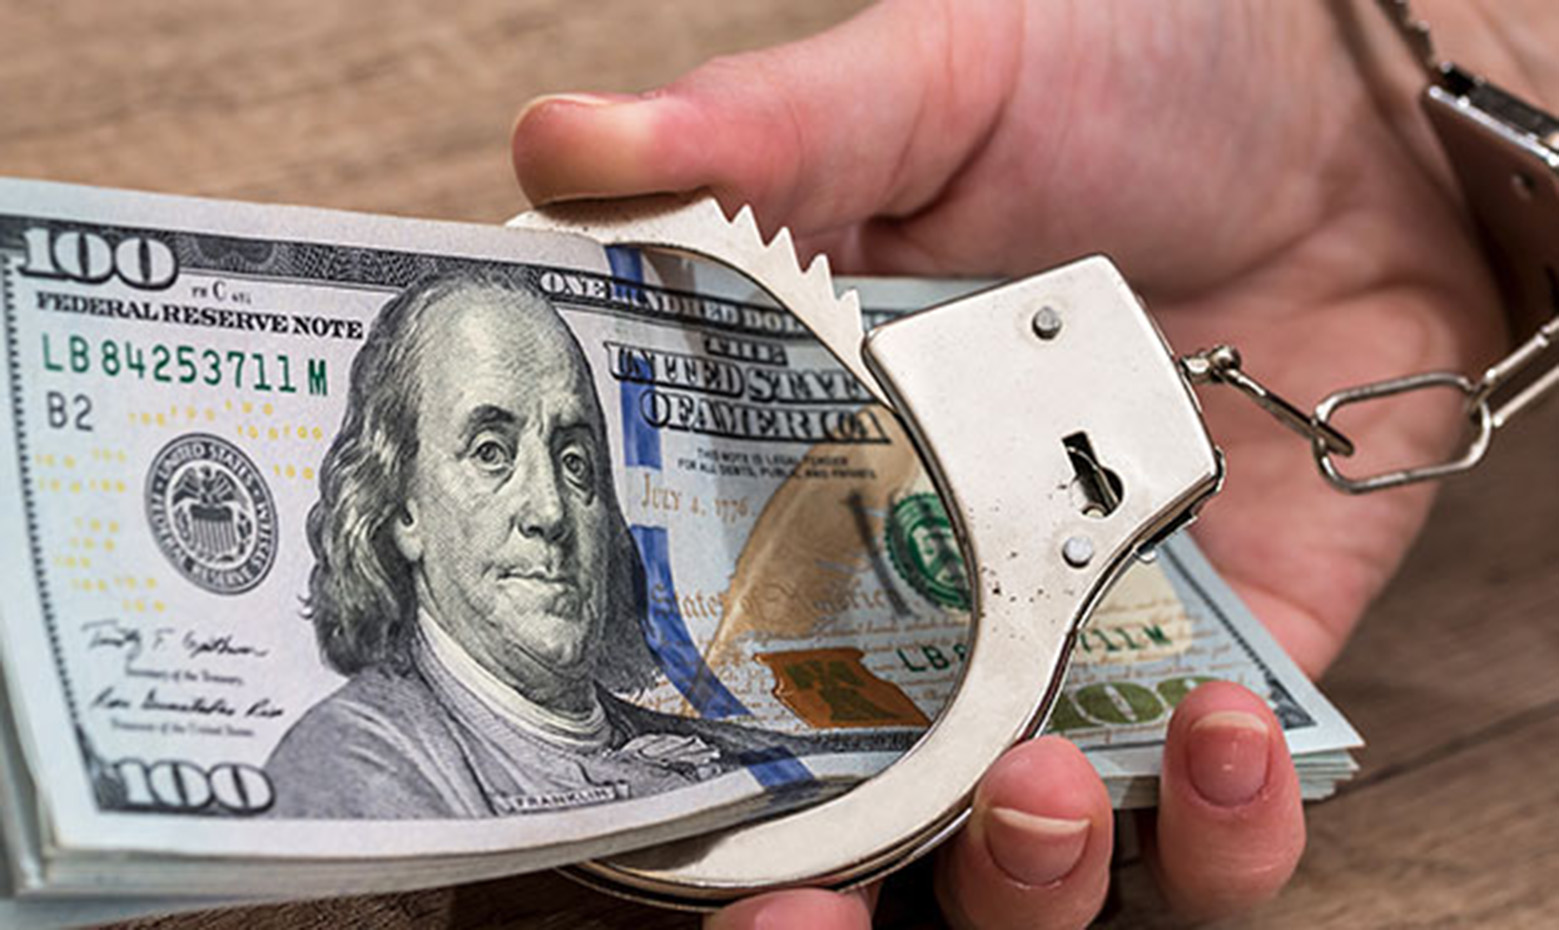 Tham ô tài sản là gì? Quy định về tội tham ô tài sản theo Điều 353 BLHS?